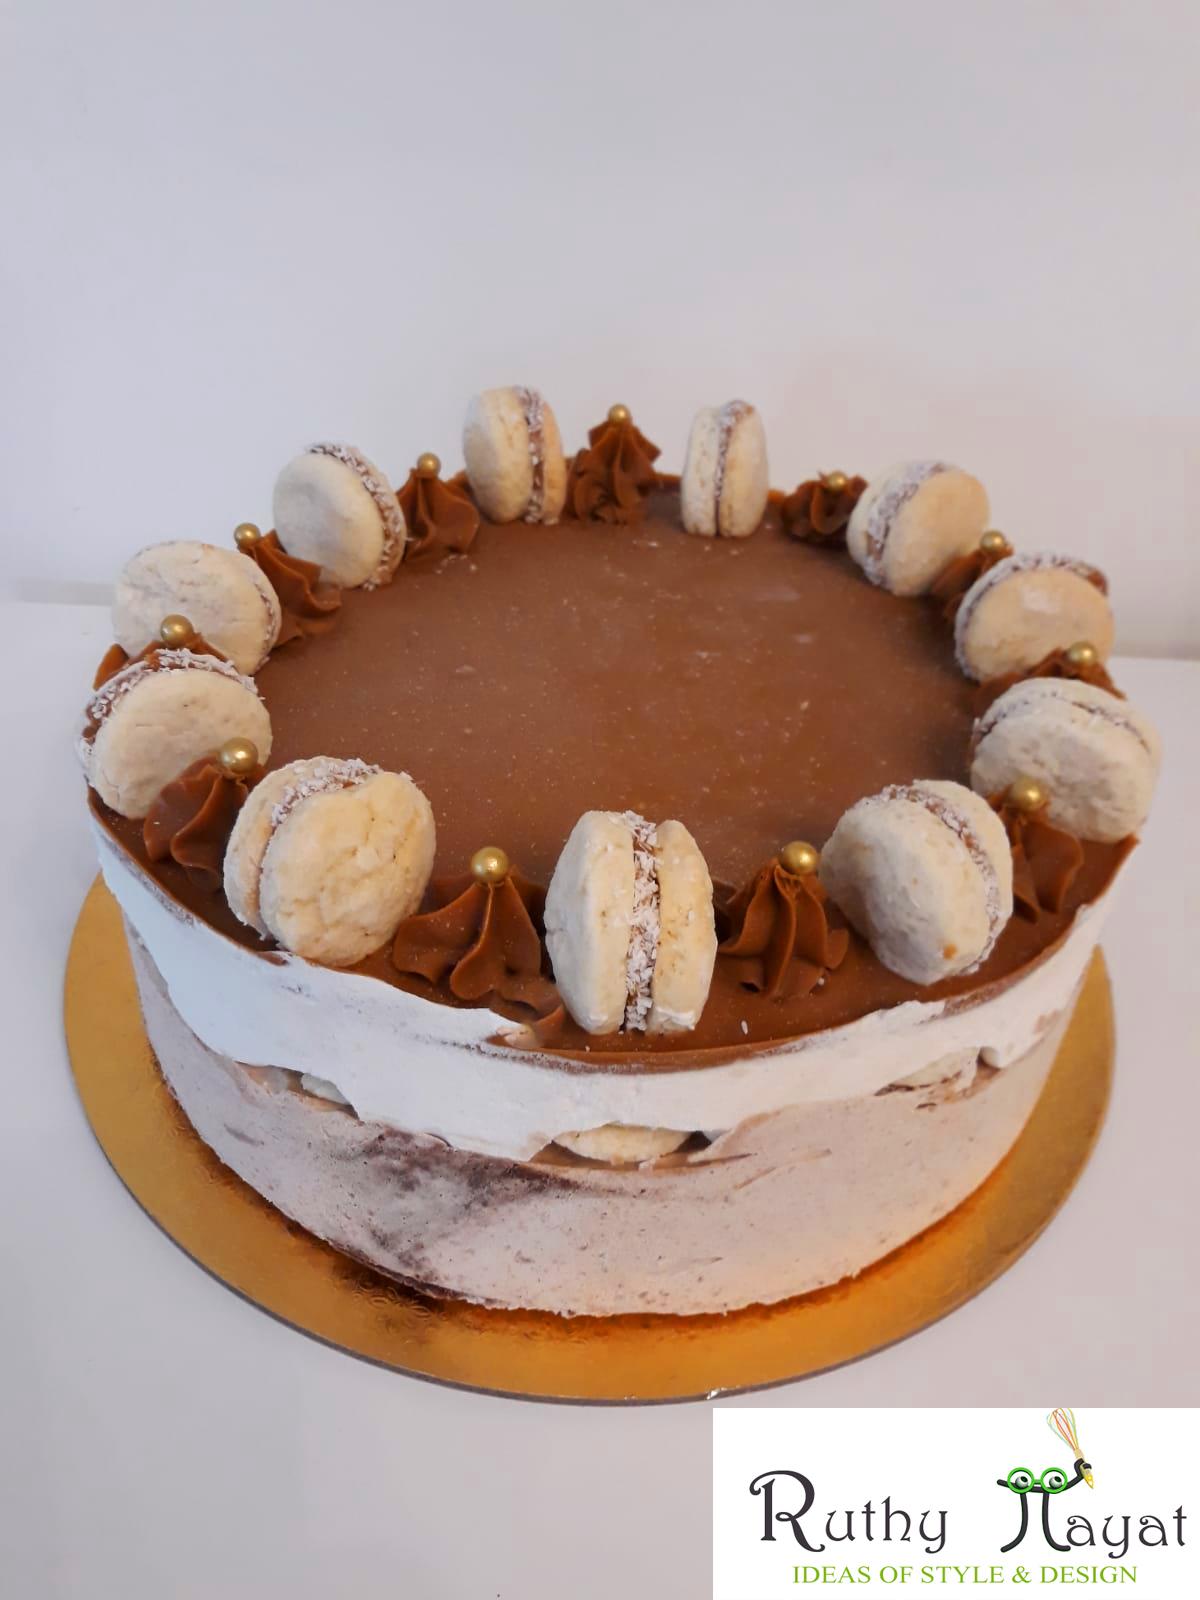 Untitled 4 - עוגת מוס אלפחורס פרווה